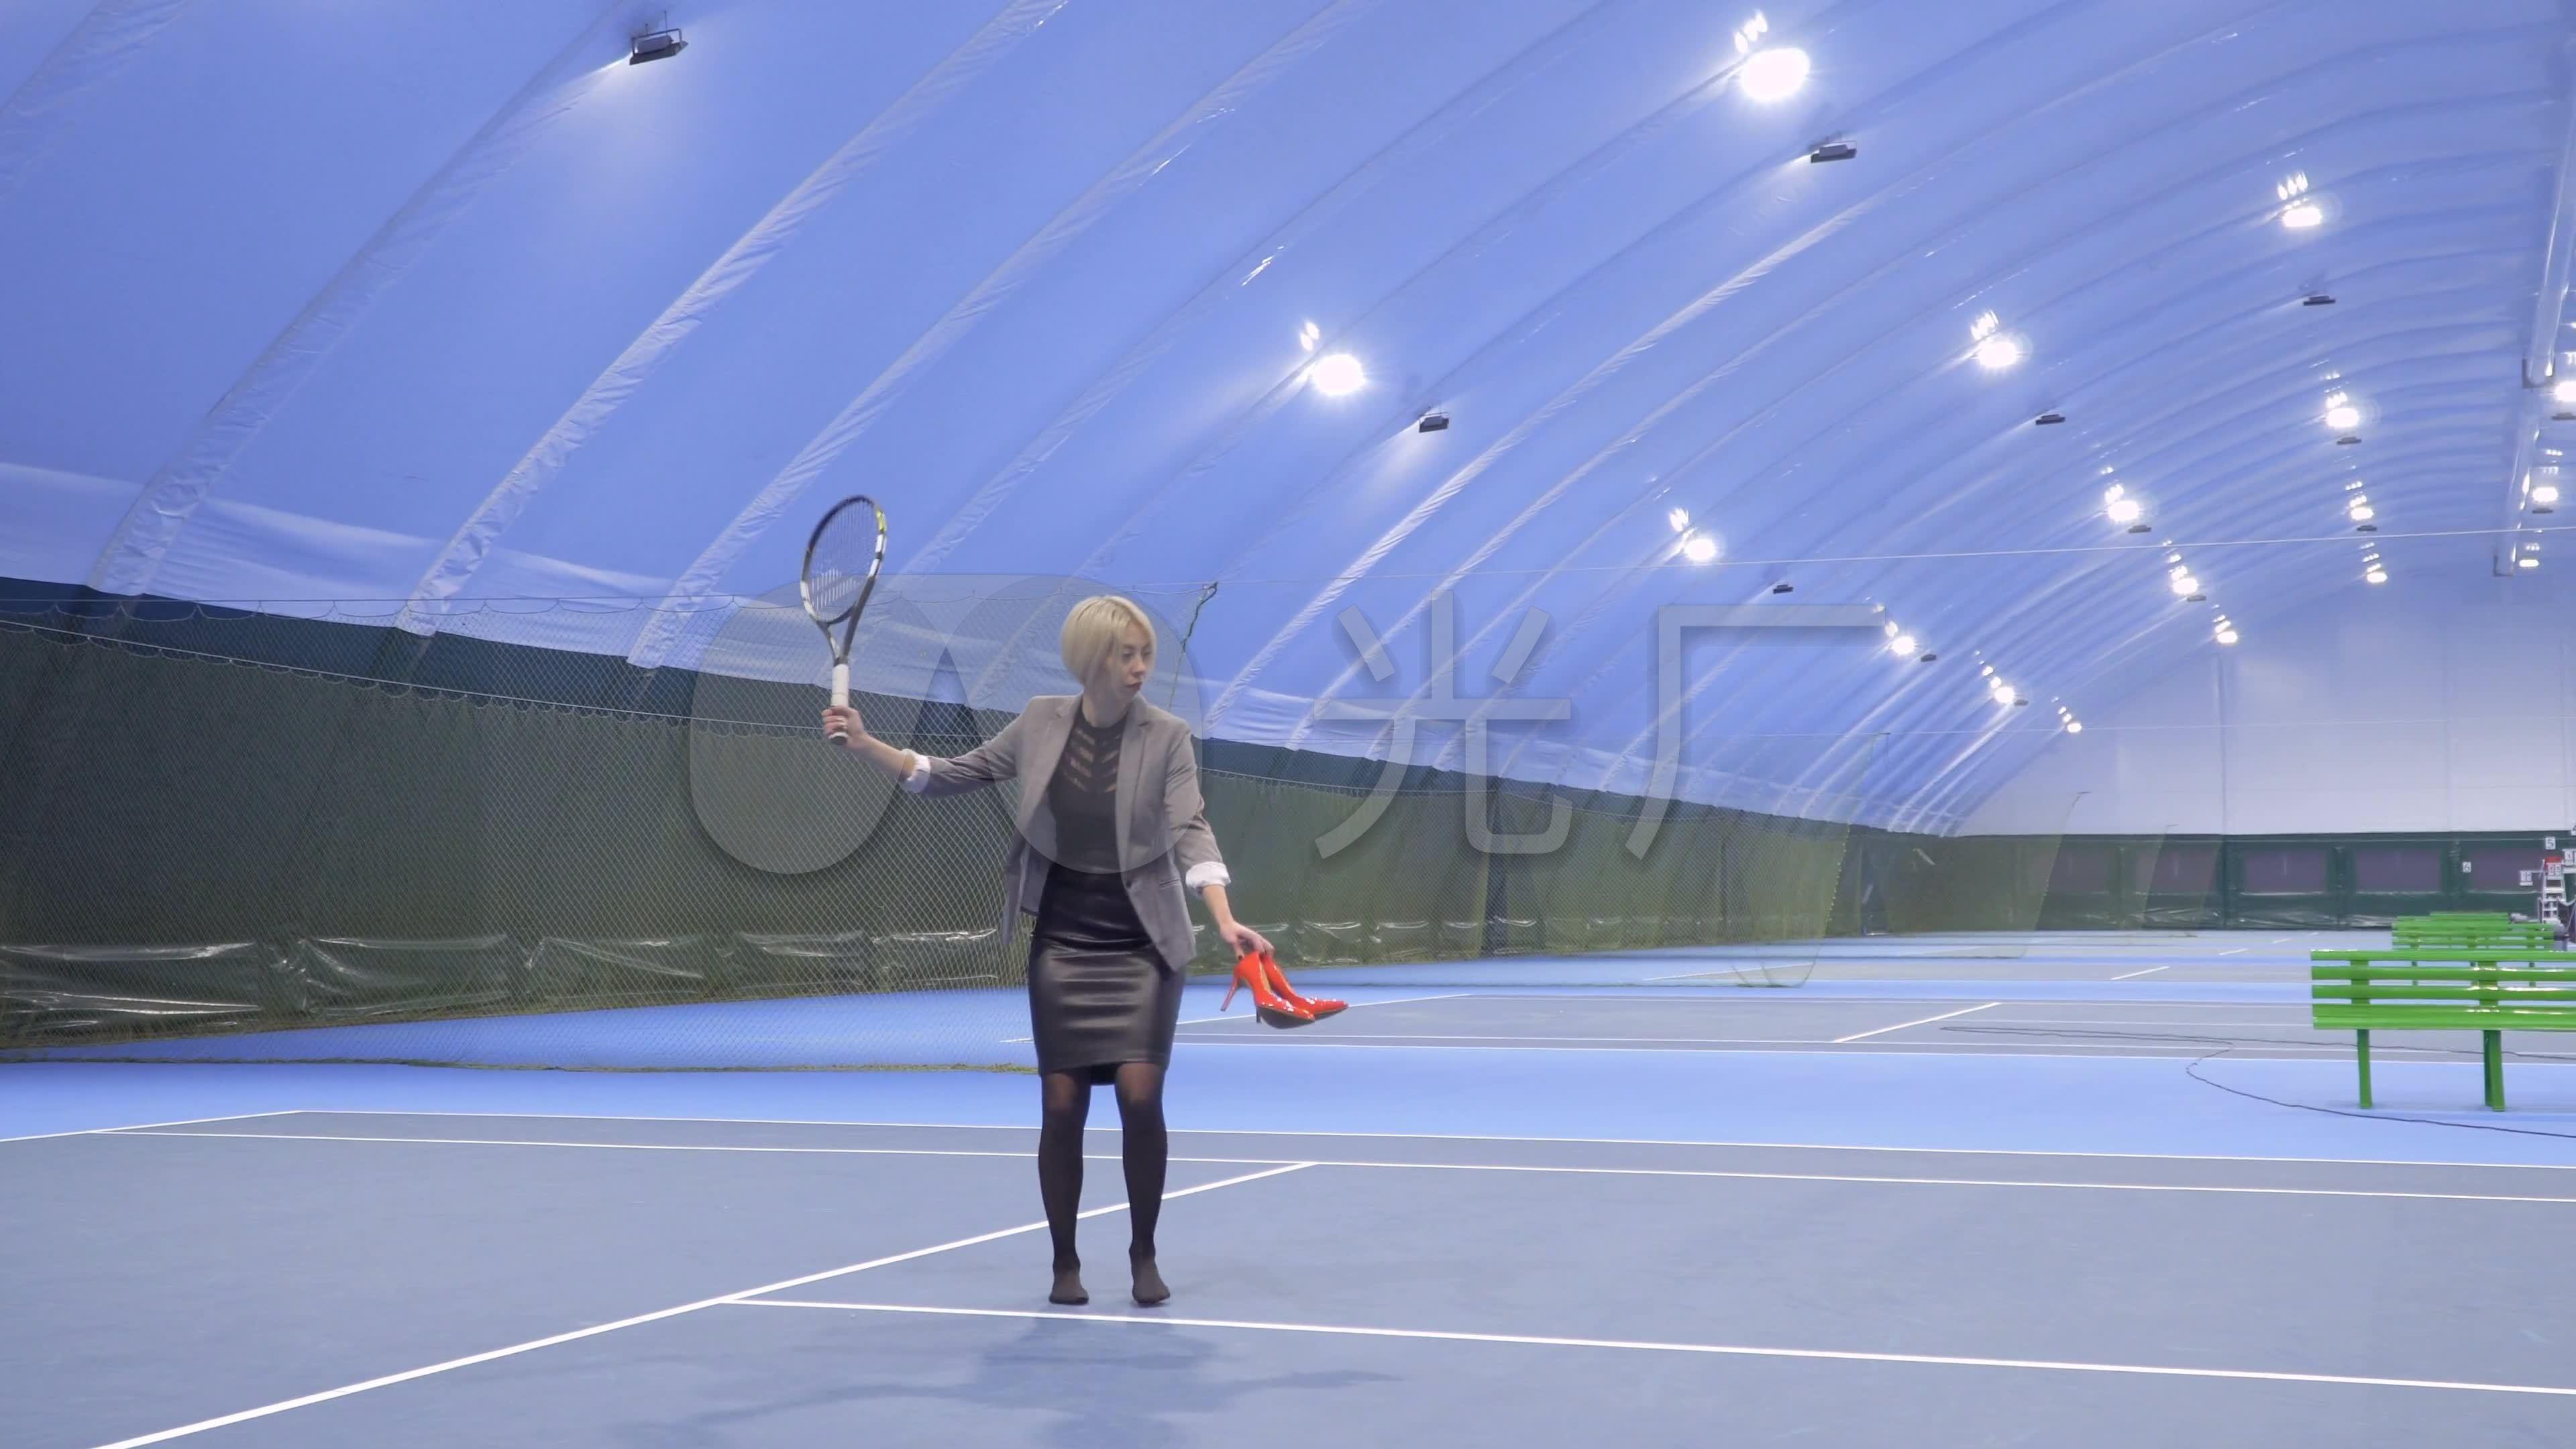 打星光运动装备休闲体育网球_3840X2160_高滨江网球射箭馆图片